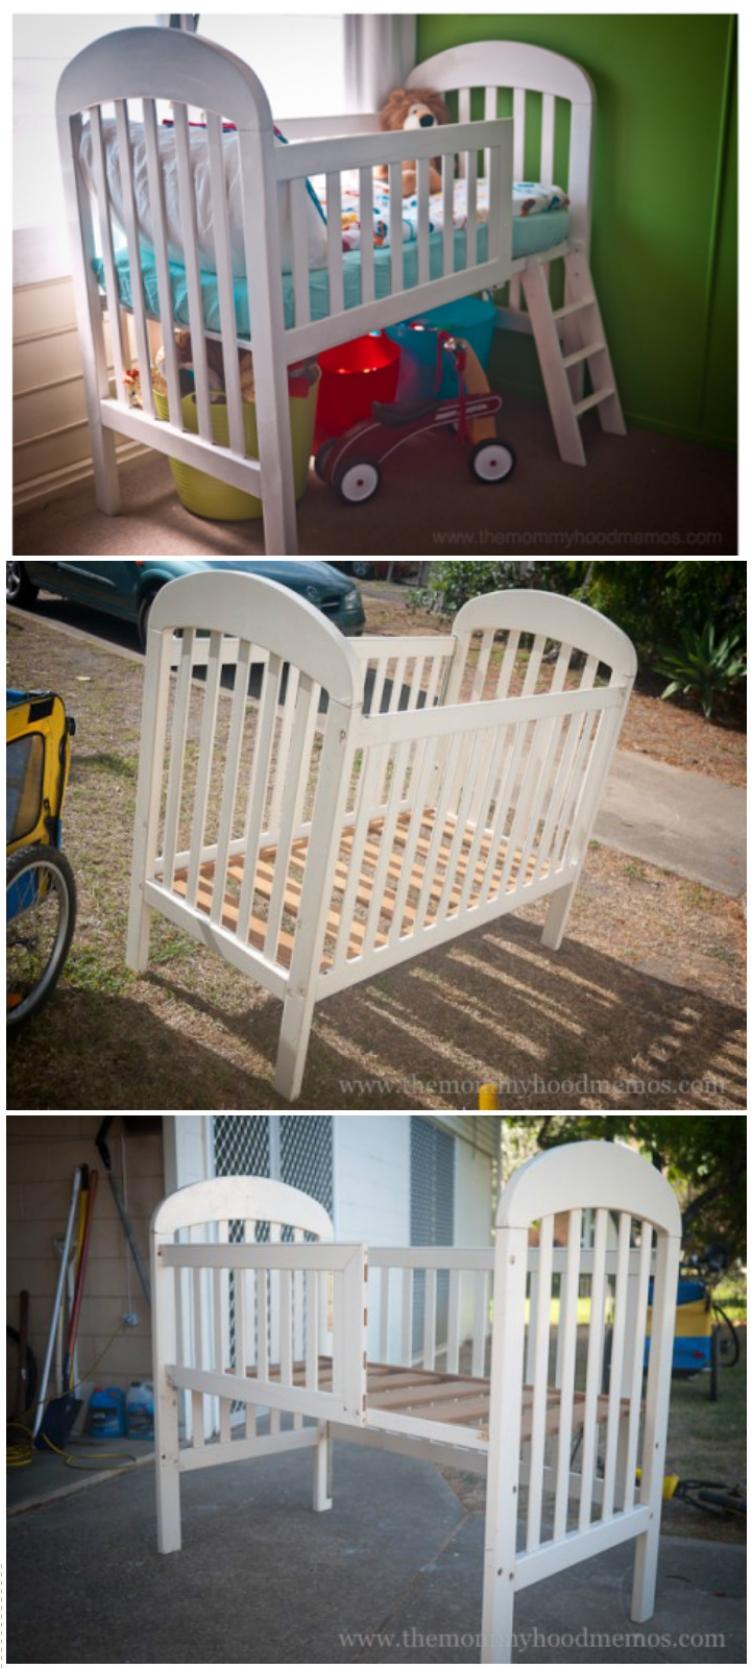 28 diy s to repurpose old furniture. Black Bedroom Furniture Sets. Home Design Ideas